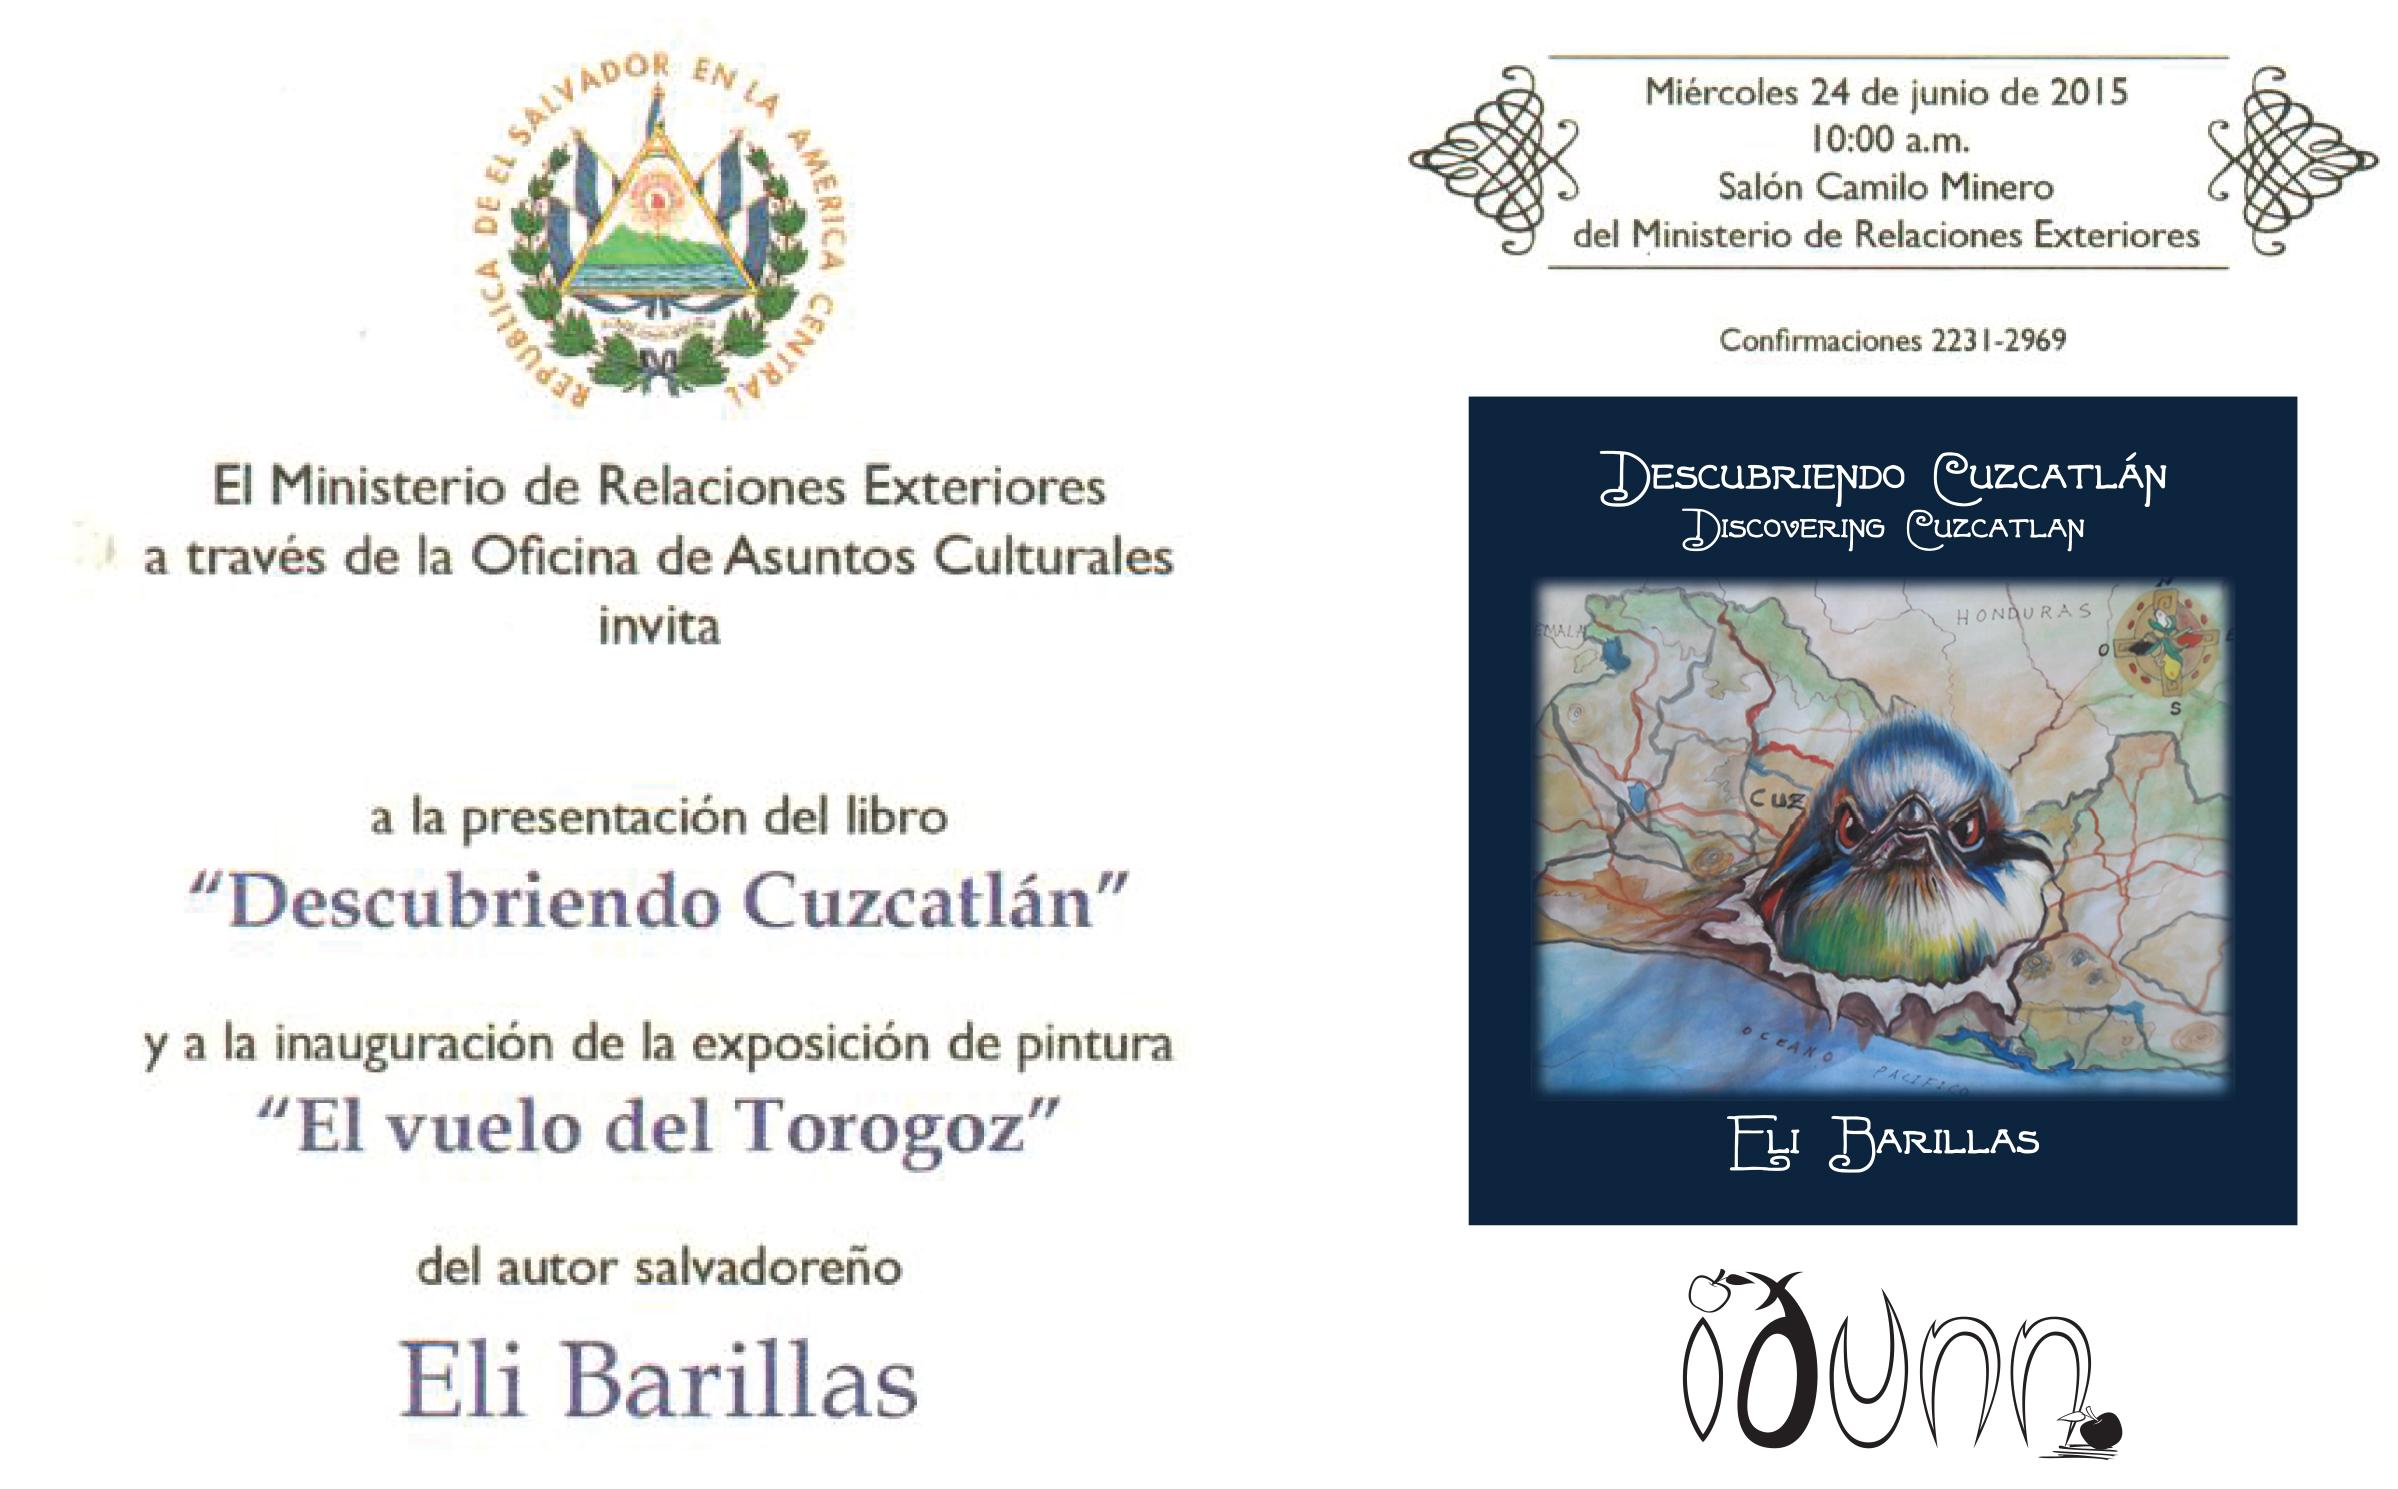 Invitación a presentación de libro y exposición